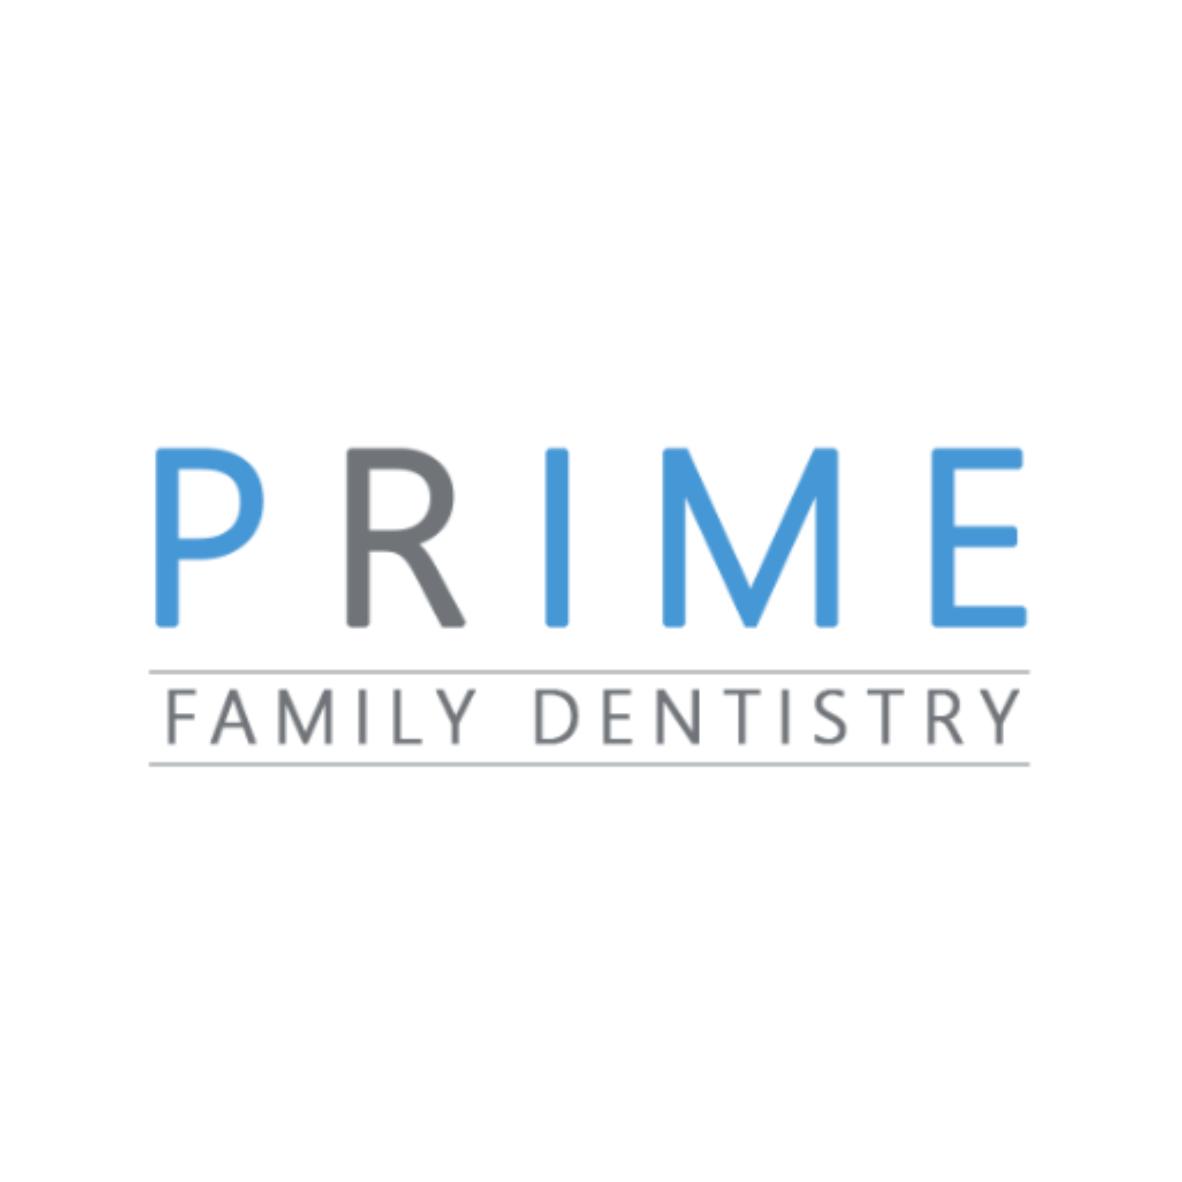 Prime Family Dentistry